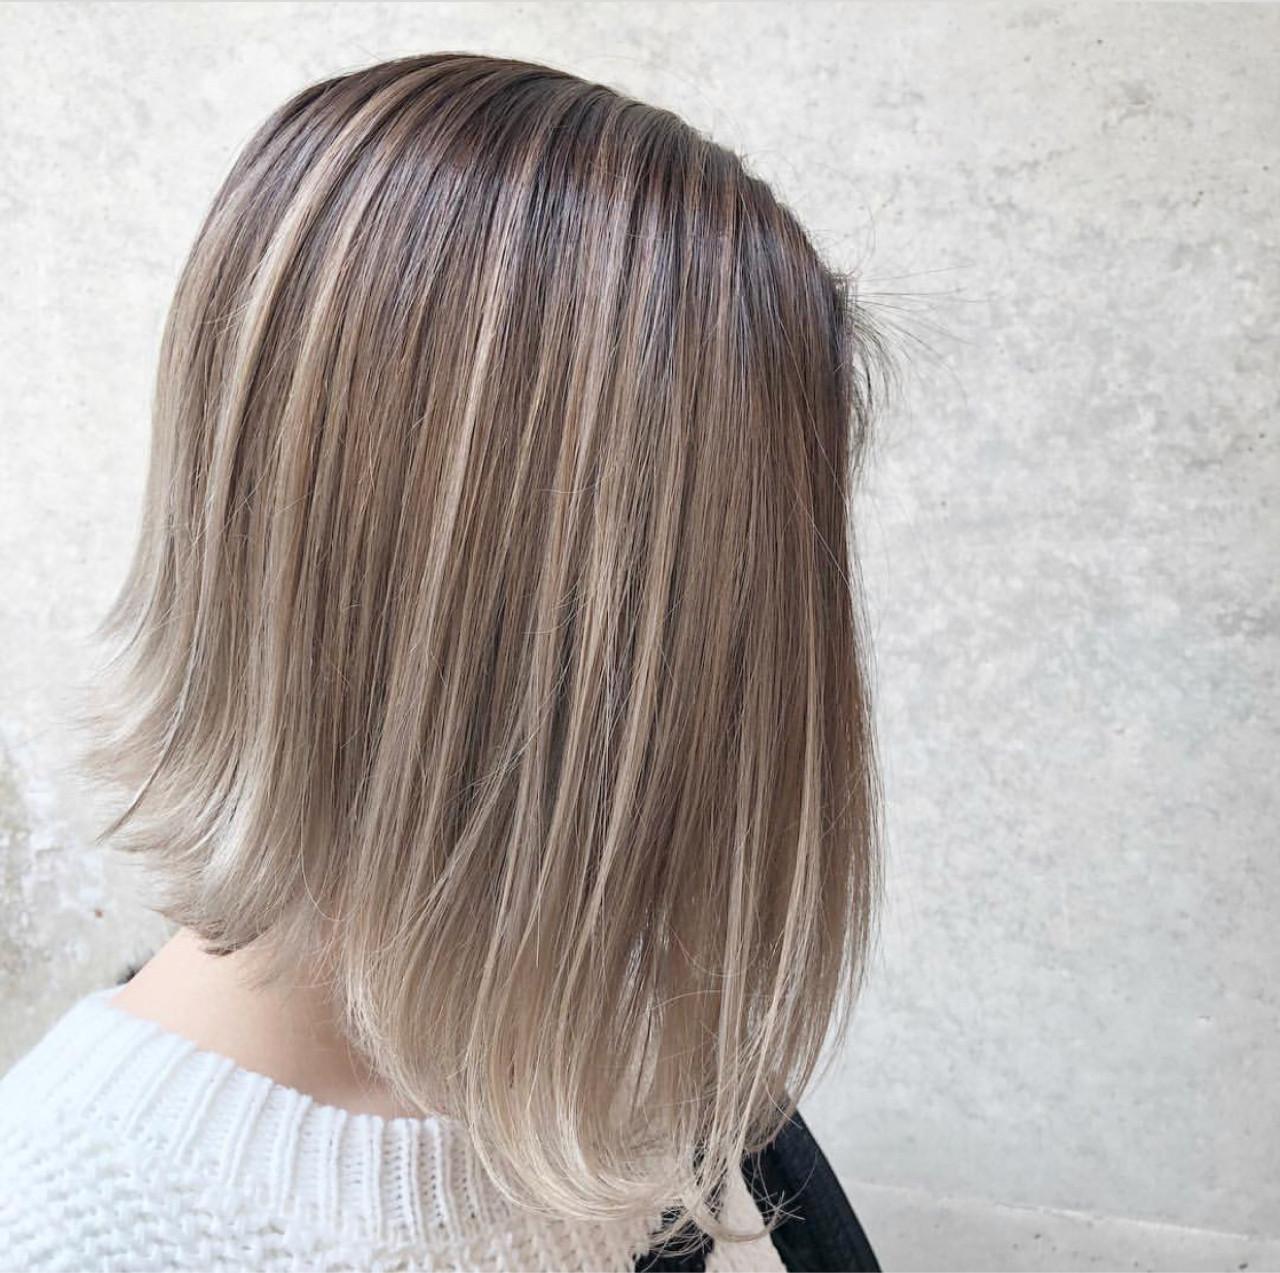 ストリート グラデーションカラー ボブ 外国人風カラー ヘアスタイルや髪型の写真・画像